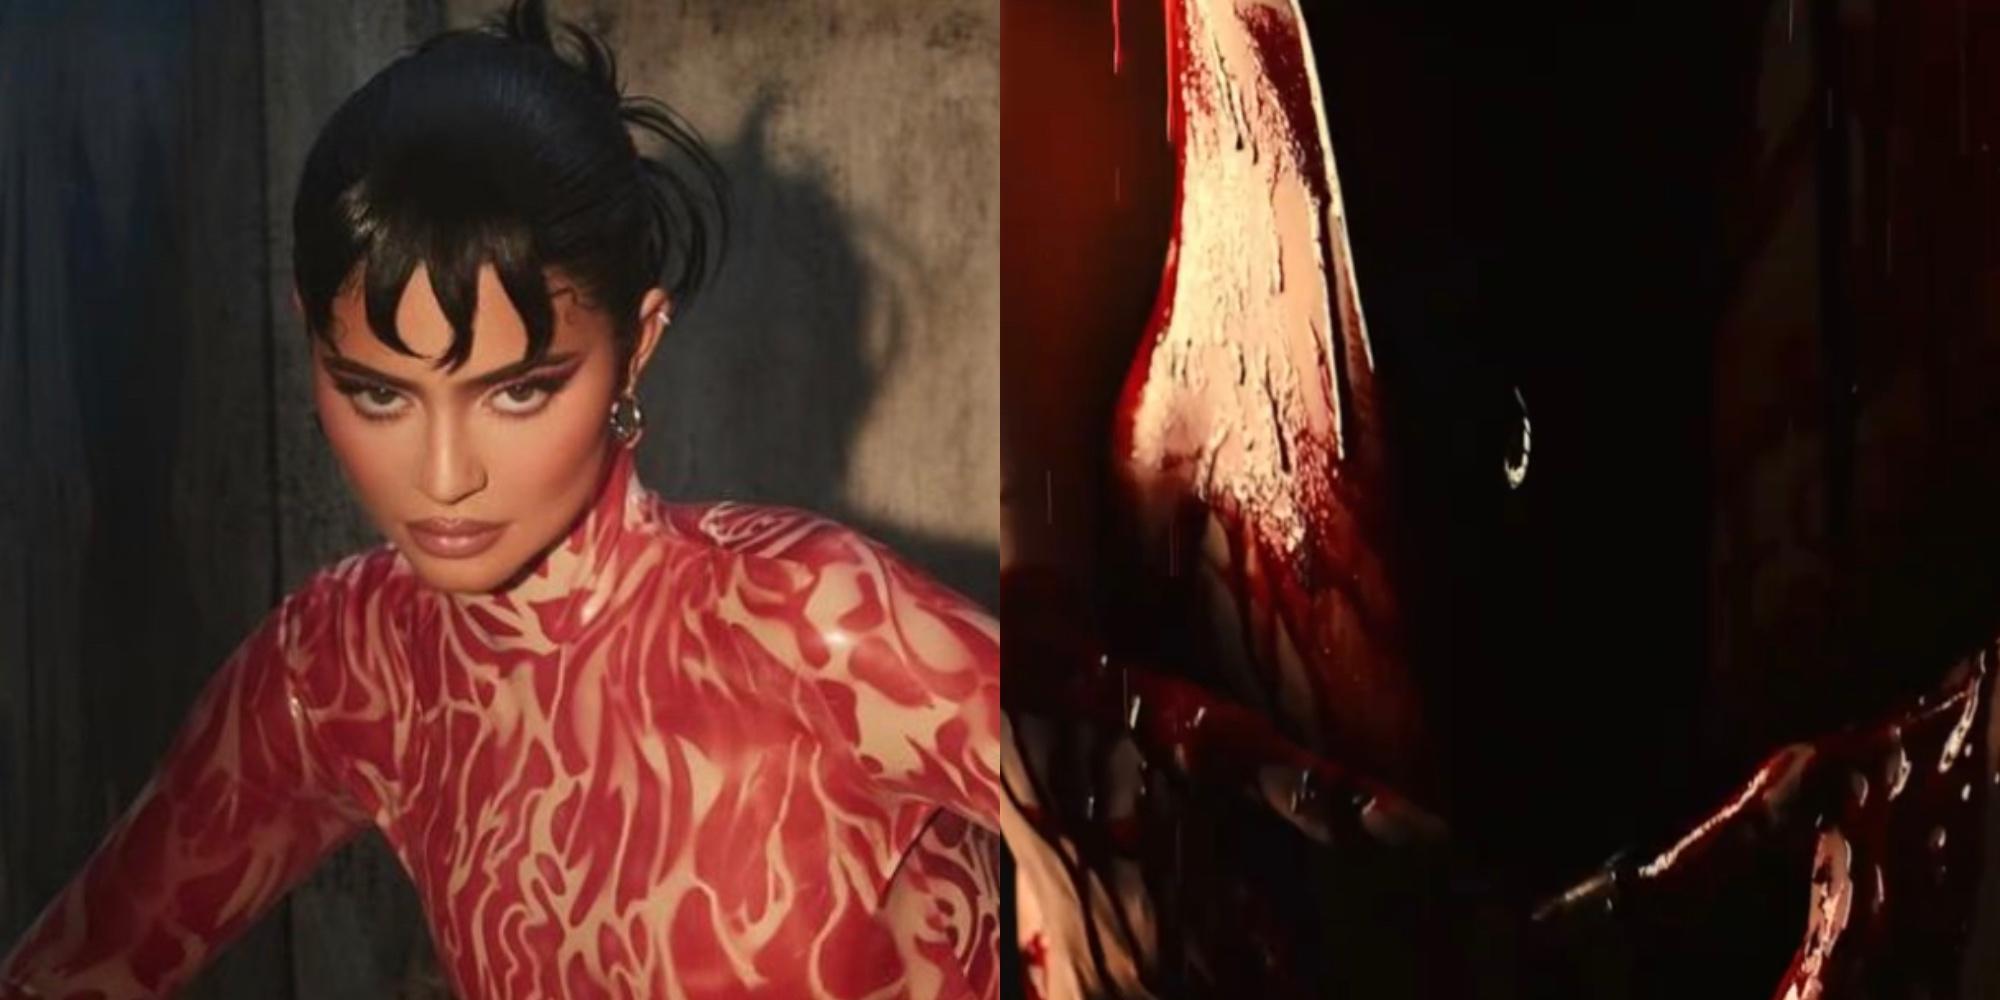 Kylie Jenner ocieka KRWIĄ. O co chodzi?!